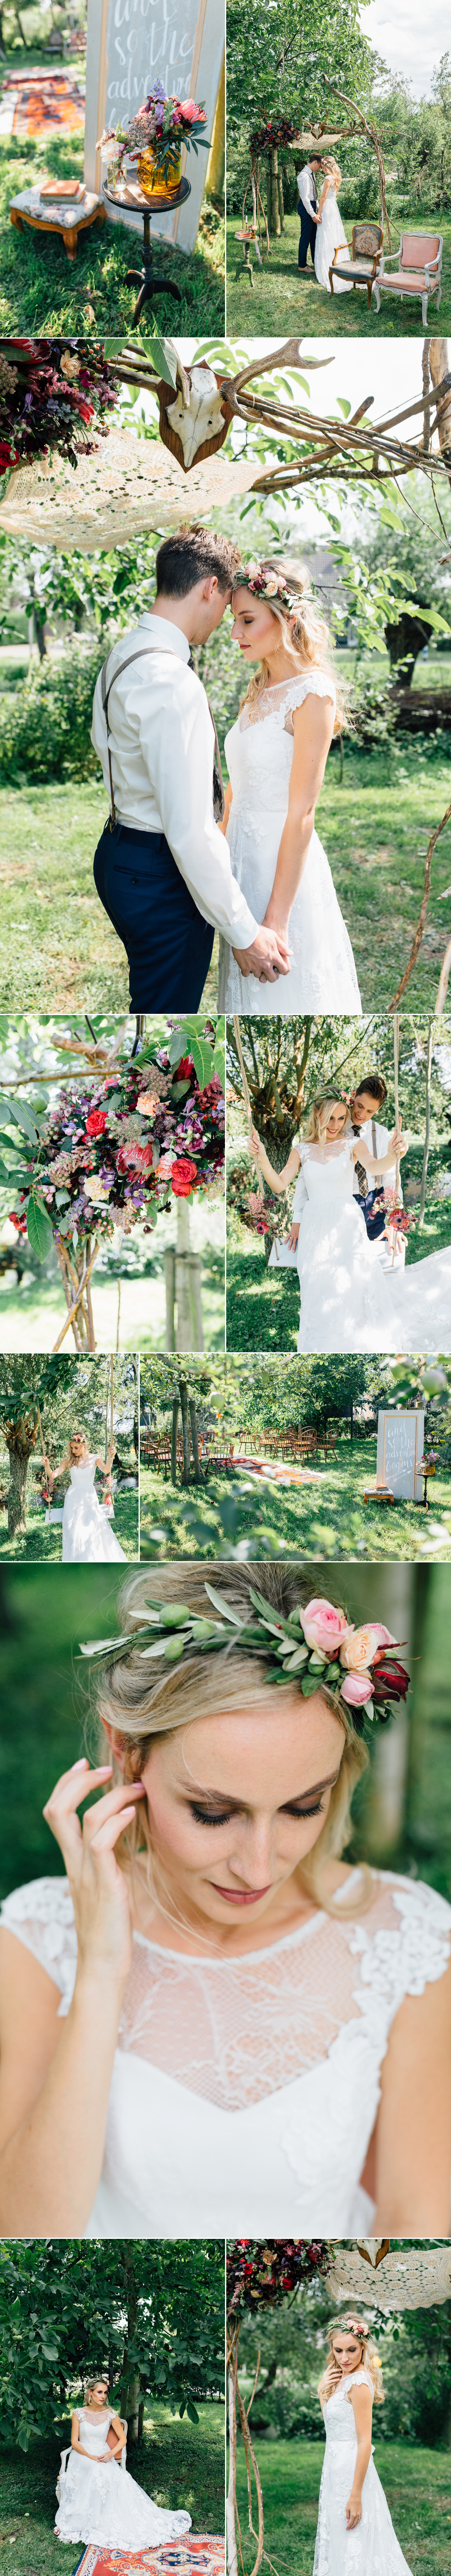 Much love wedding styling 3